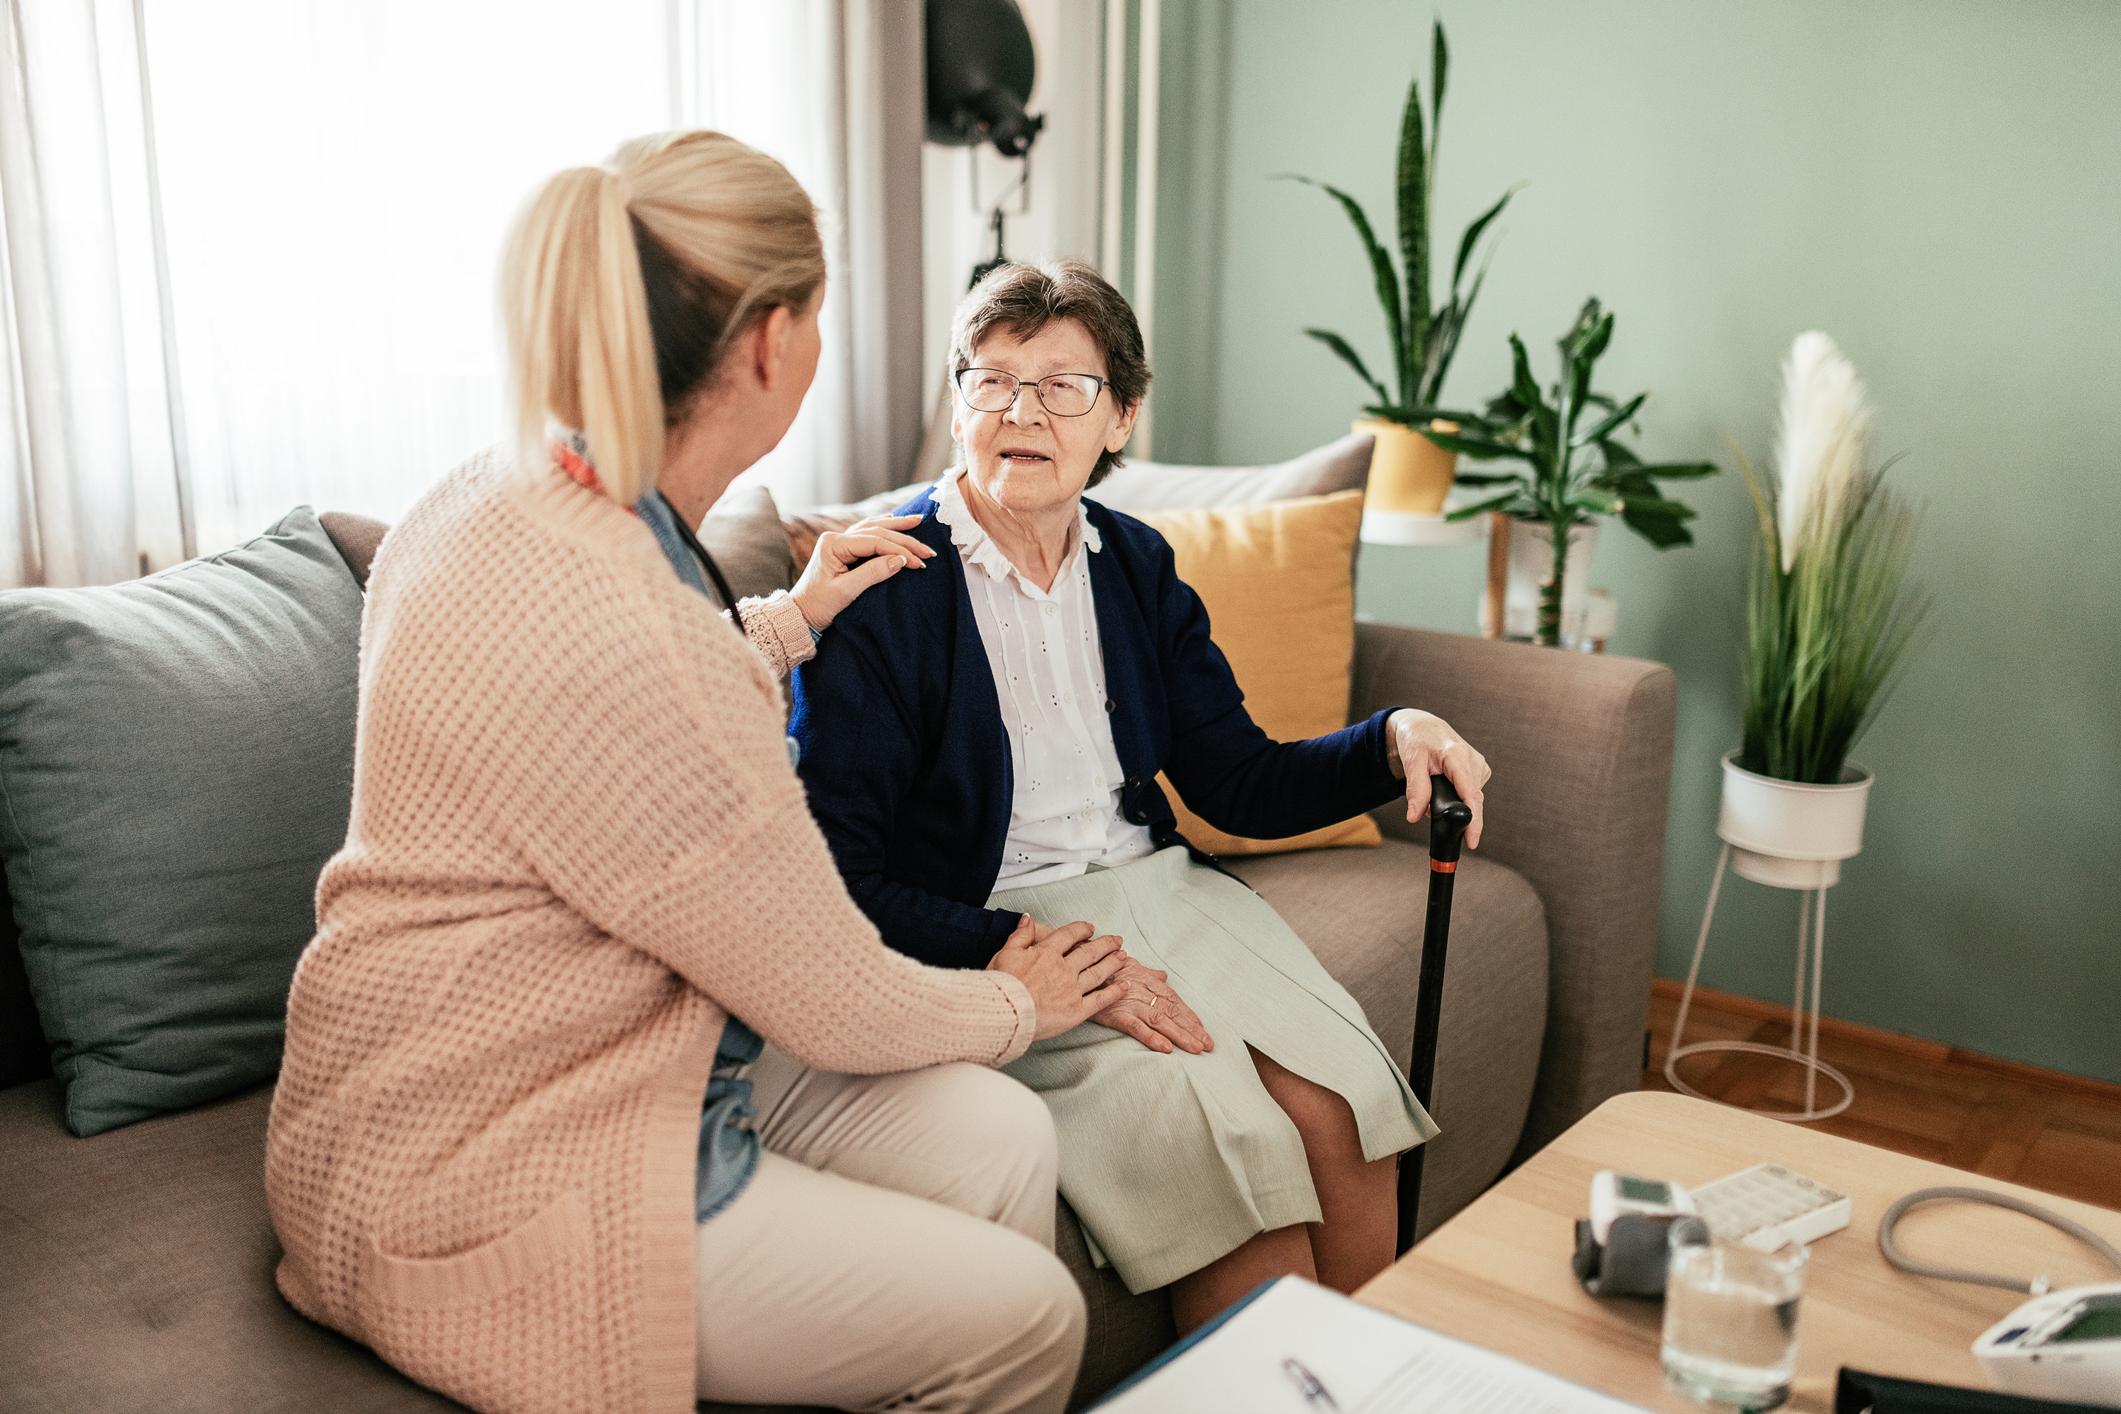 Accompagner un parent en maison de retraite - Odella.fr